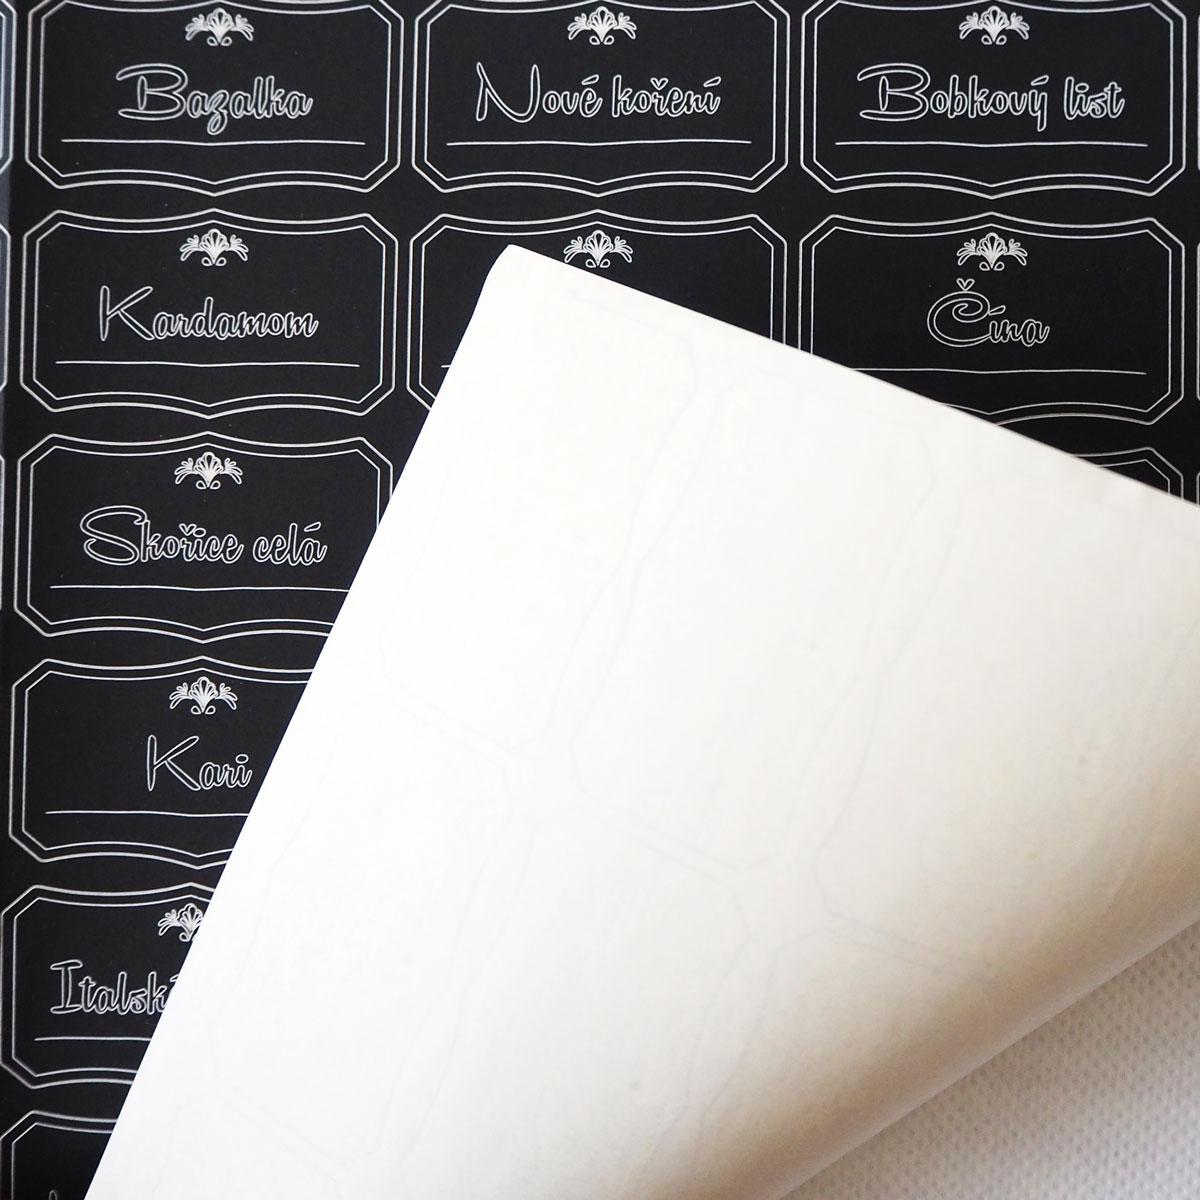 Czarny Matowy Papier Samoprzylepny Do Drukarek Laserowych I Kopiarek 100 Arkuszy Marka Rf Gramatura 80 G M Wymiar 330 X 487 Mm Kolor Czarny Rodzaj Matowy Typ Szybkoschnący Ilość Arkuszy 100